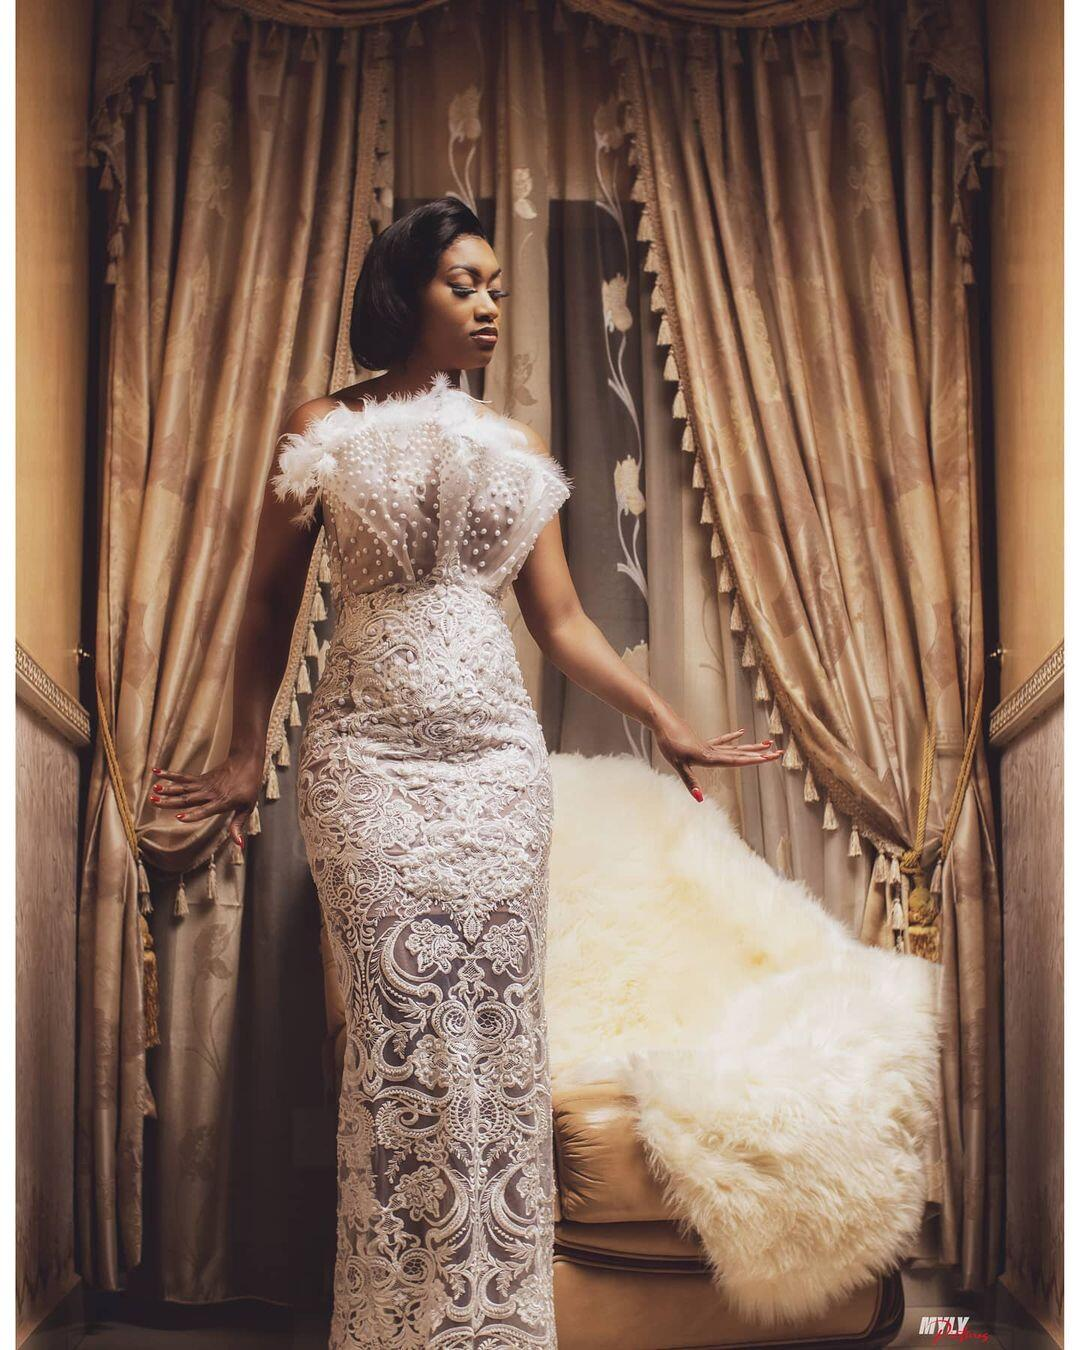 Caroline Nseke